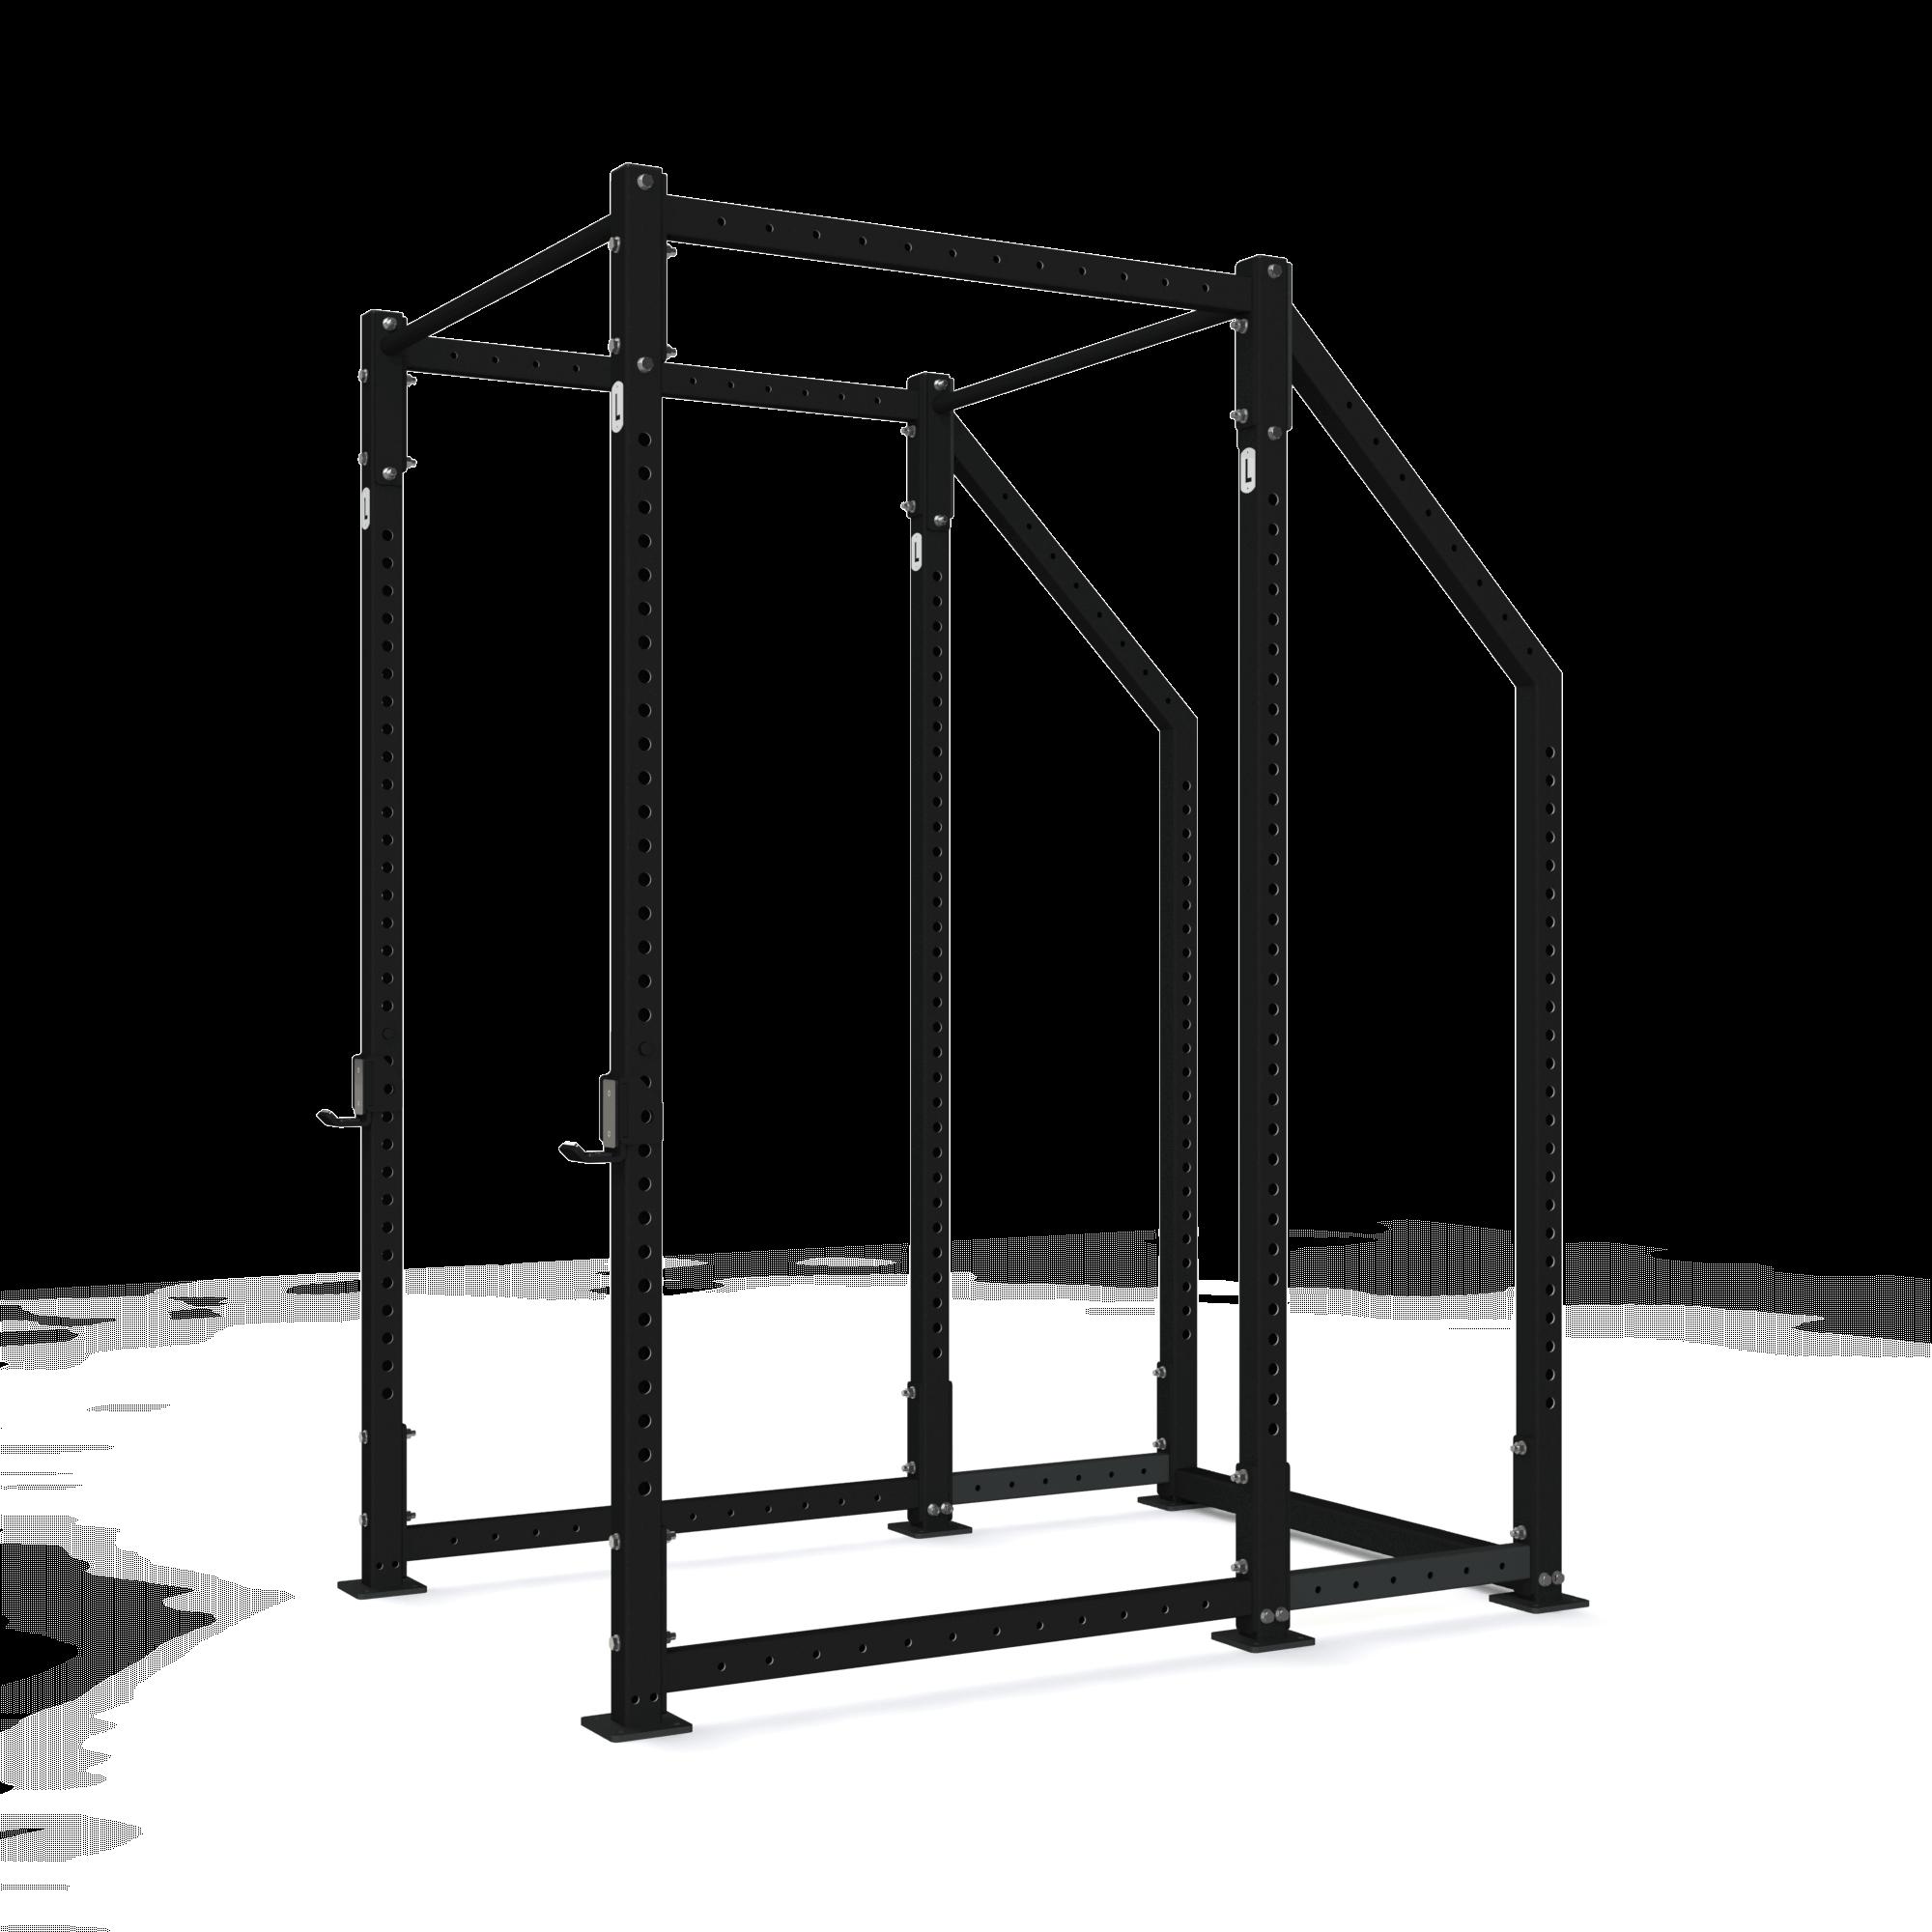 functional fitness equipment direkt vom hersteller made in germany. Black Bedroom Furniture Sets. Home Design Ideas